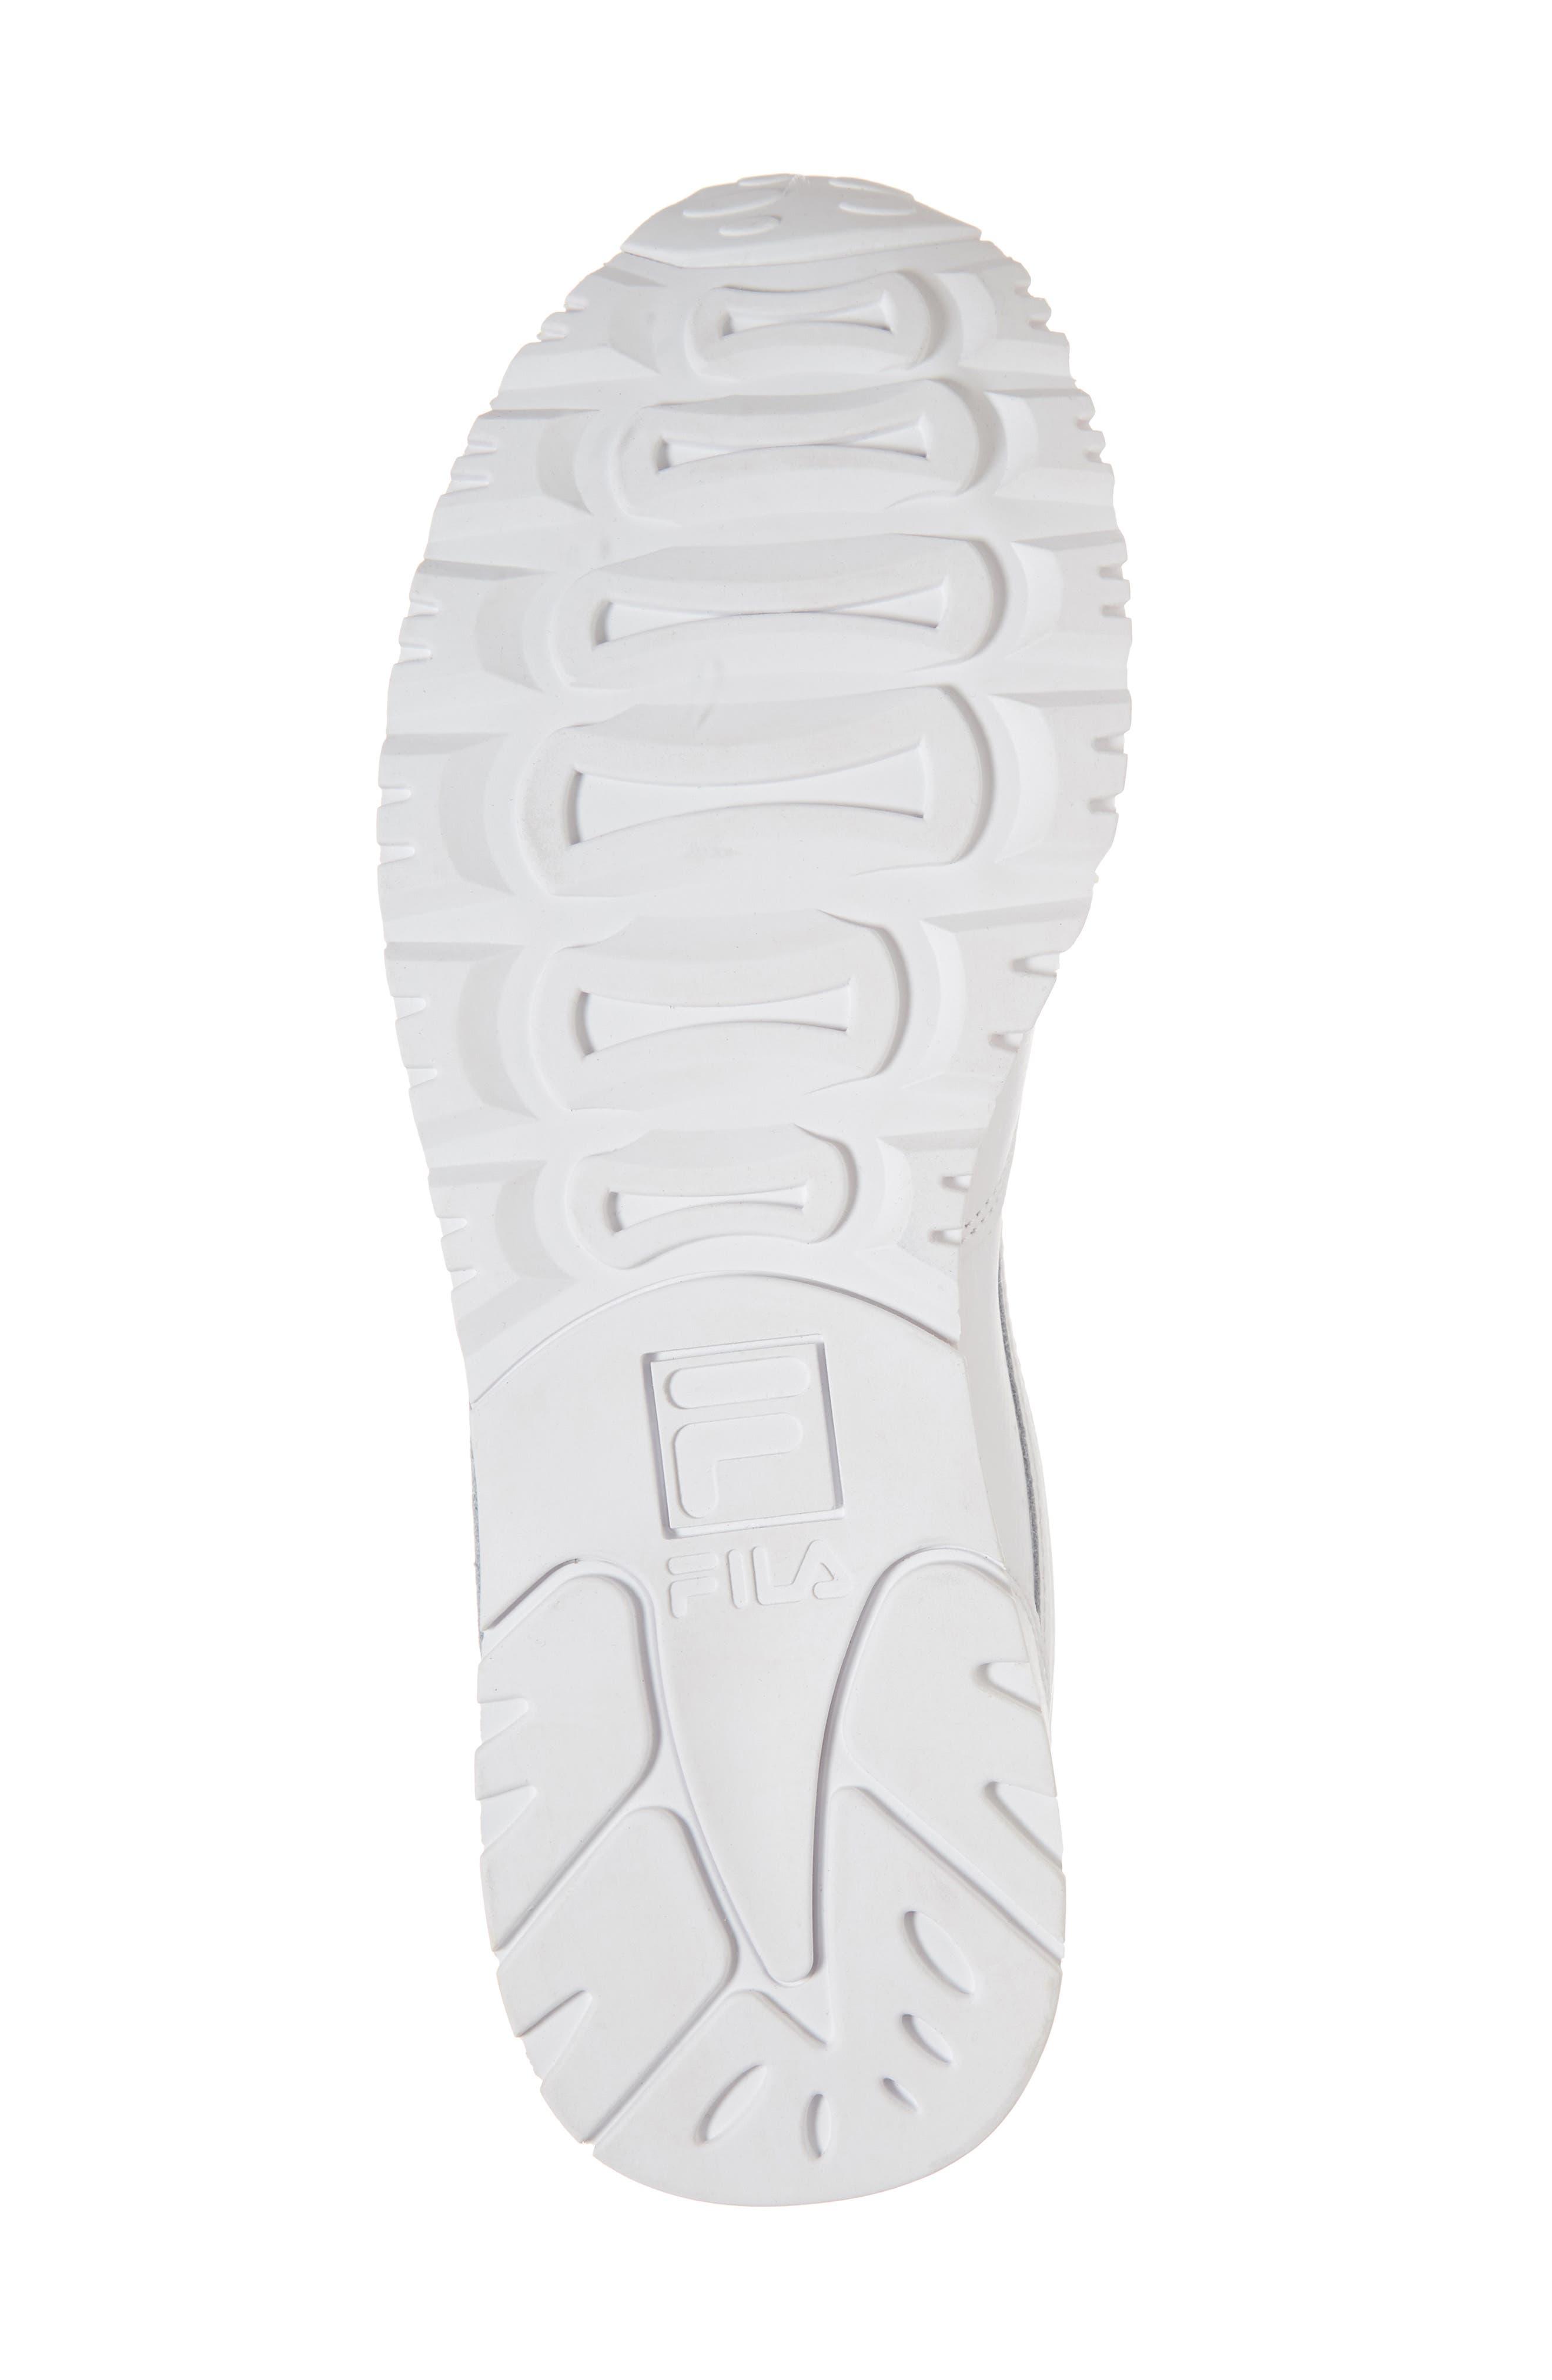 Euro Jogger Sneaker,                             Alternate thumbnail 6, color,                             WHITE/ NAVY/ RED